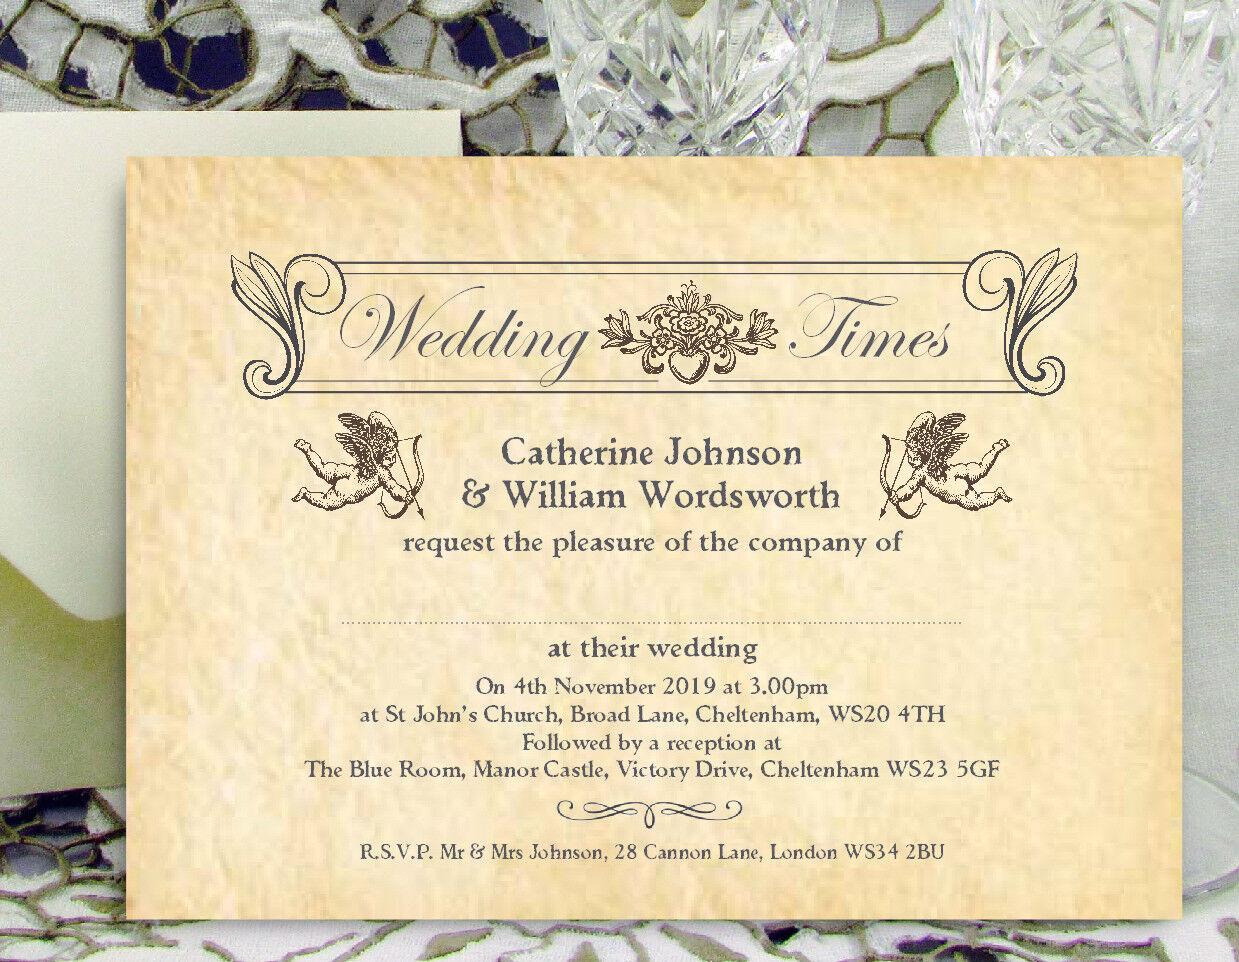 Personnalisé mariage invitations vintage journal design avec enveloppes